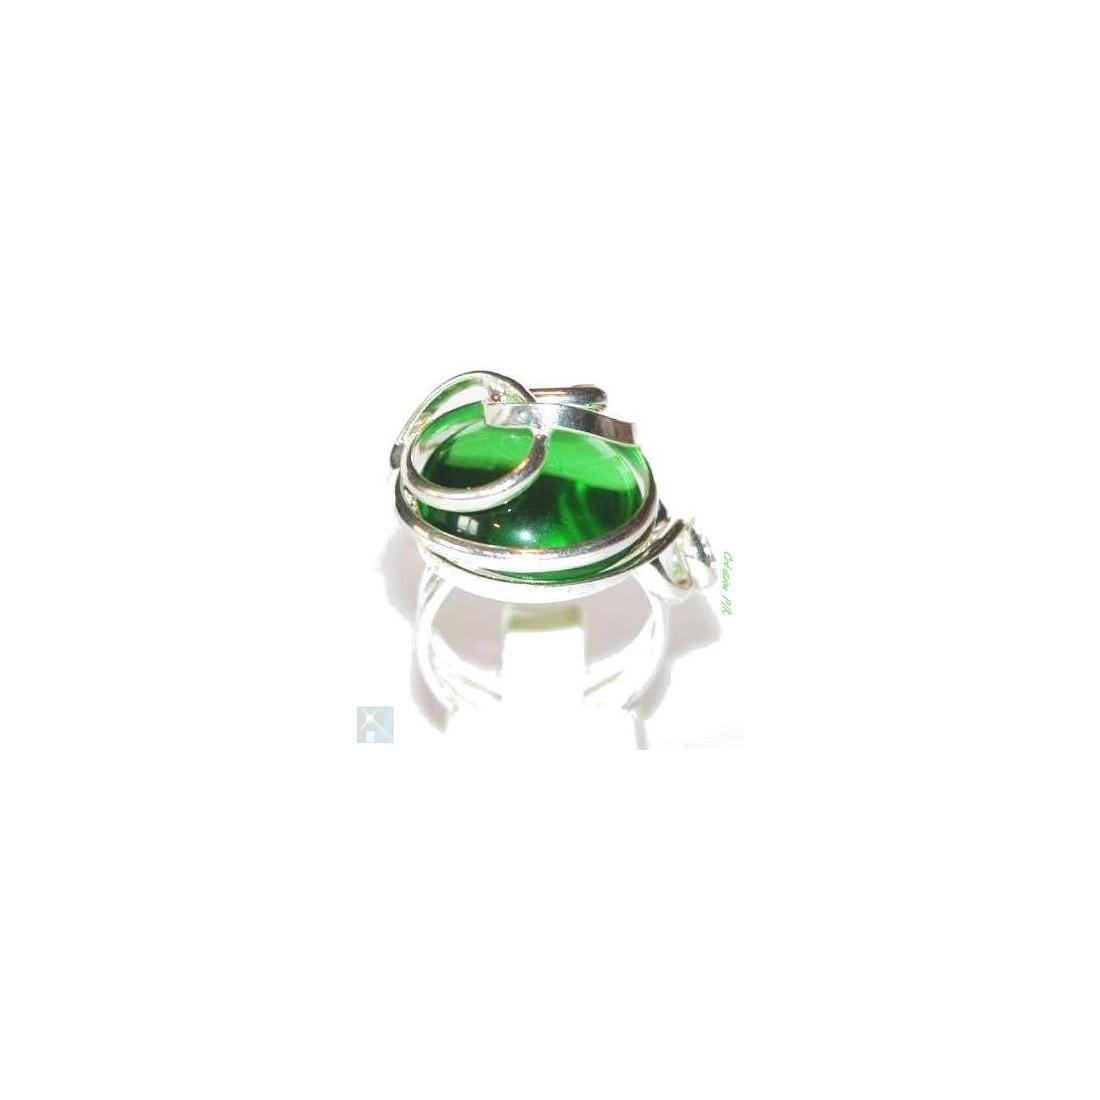 Bague de couleur vert péridot qui saura vous ravir par la distinction de ses formes.